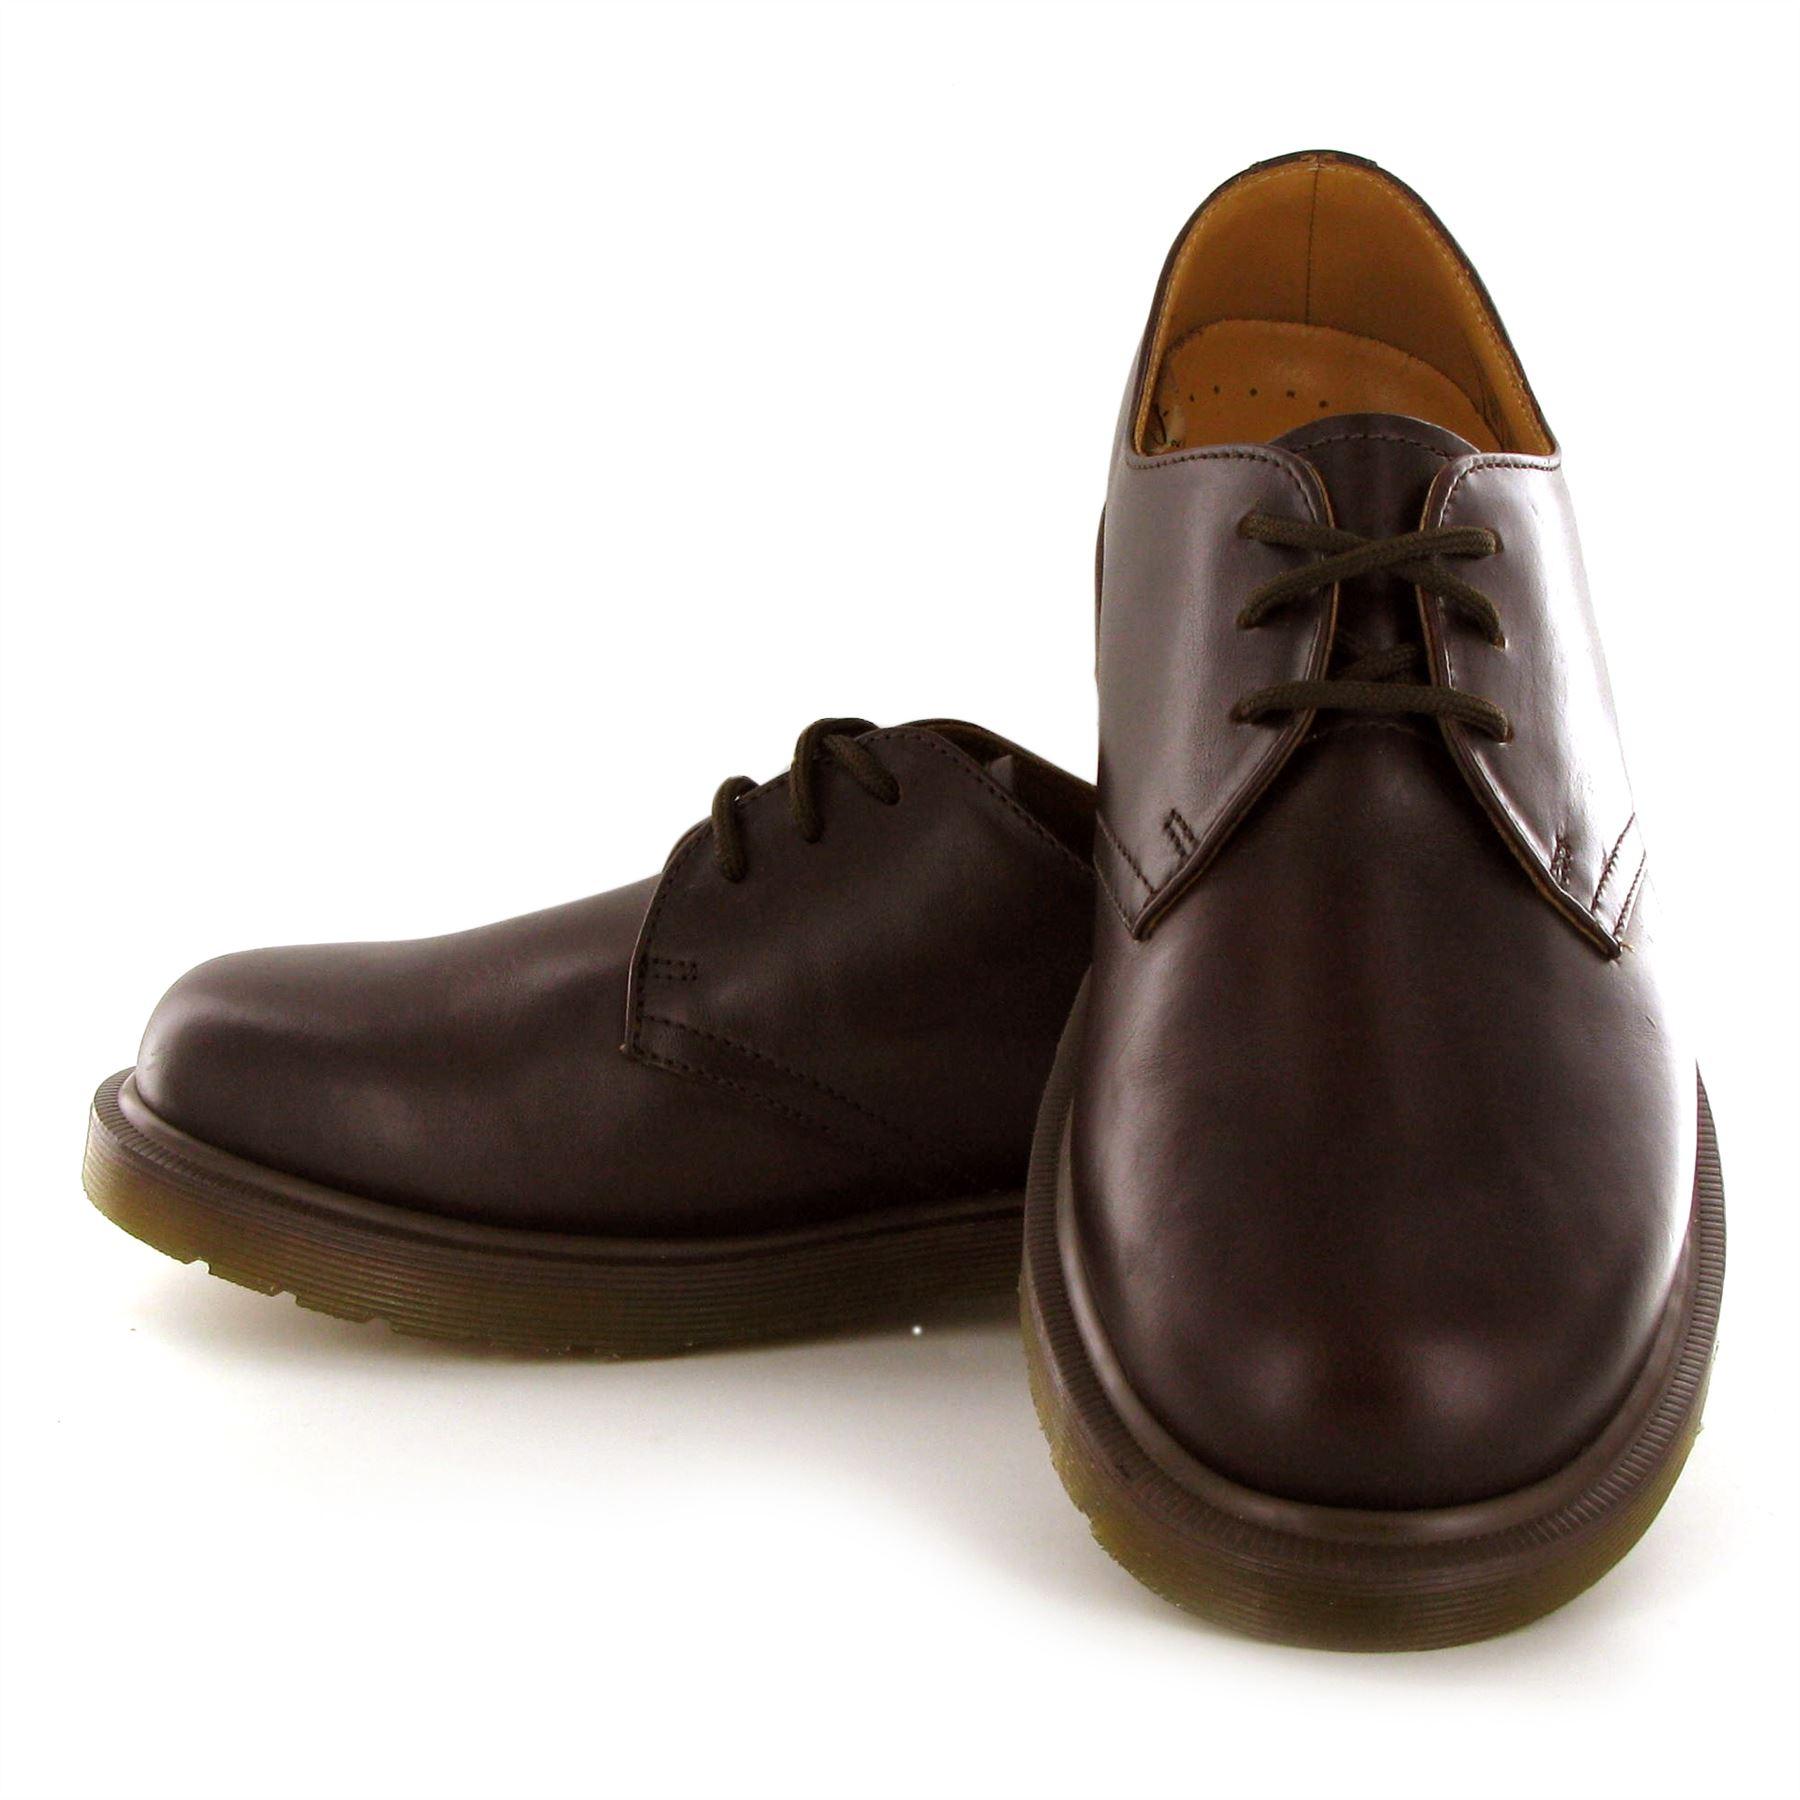 dr martens 1461 pw 3 eyelets mens leather shoes ebay. Black Bedroom Furniture Sets. Home Design Ideas